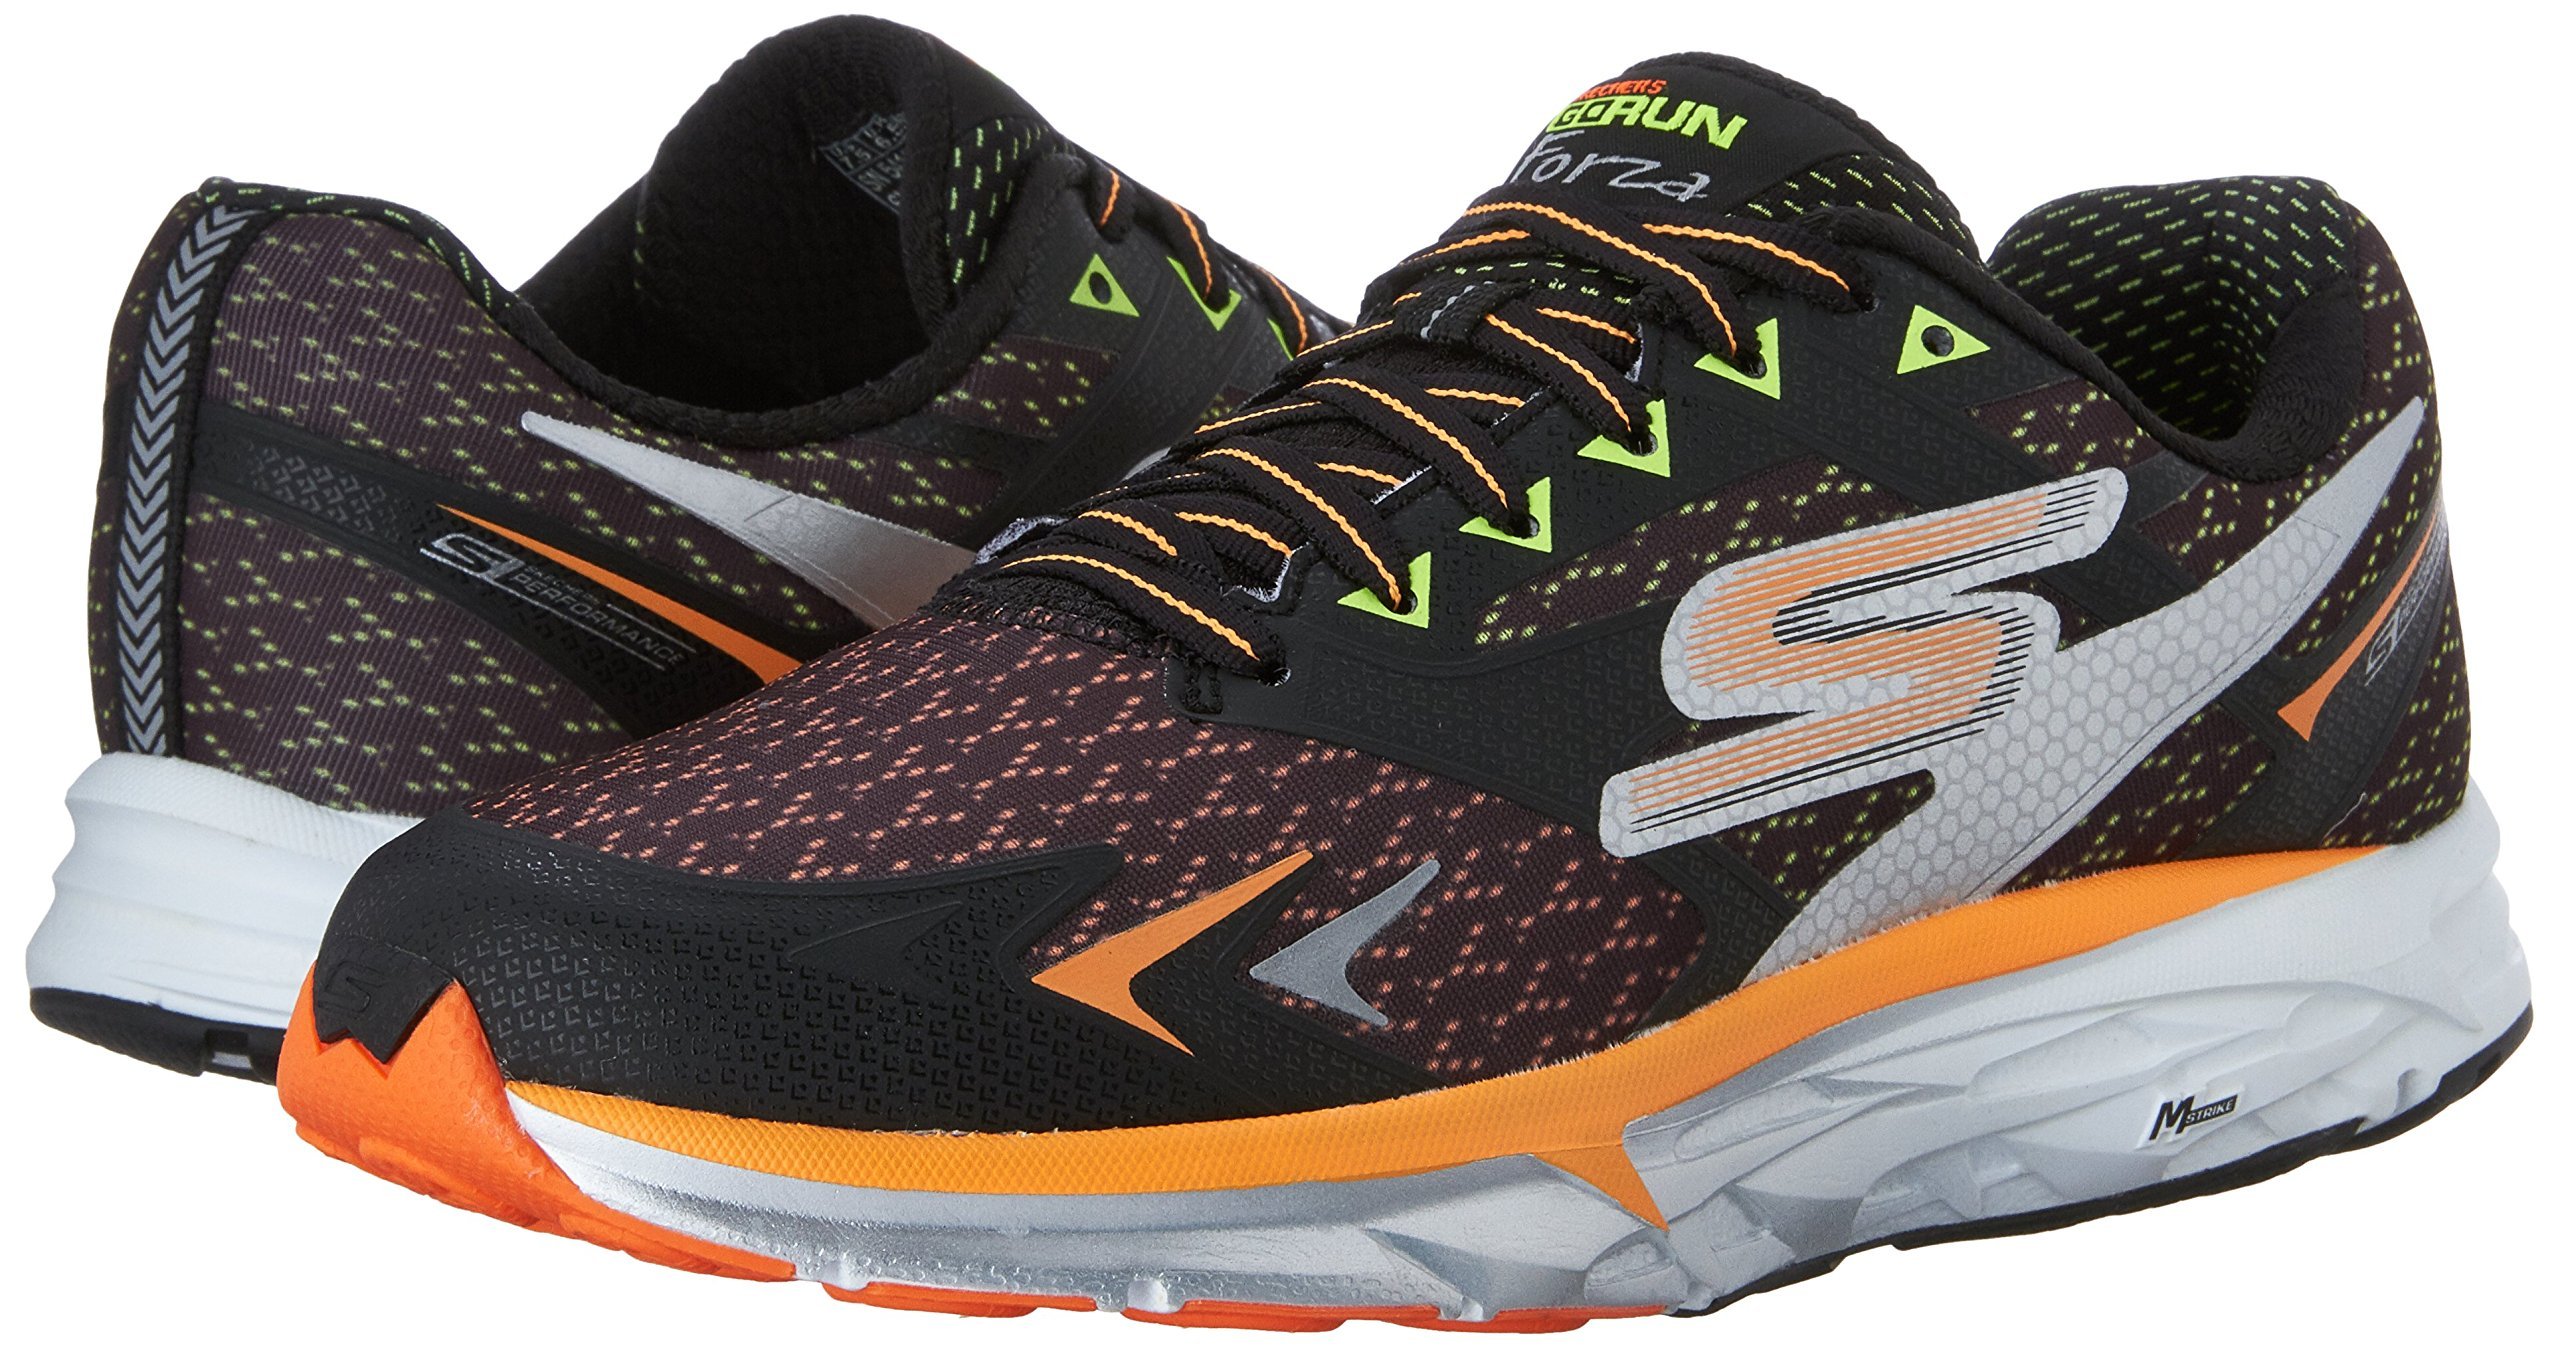 91LGjizT6vL - Skechers Men's Go Forza Running Shoes